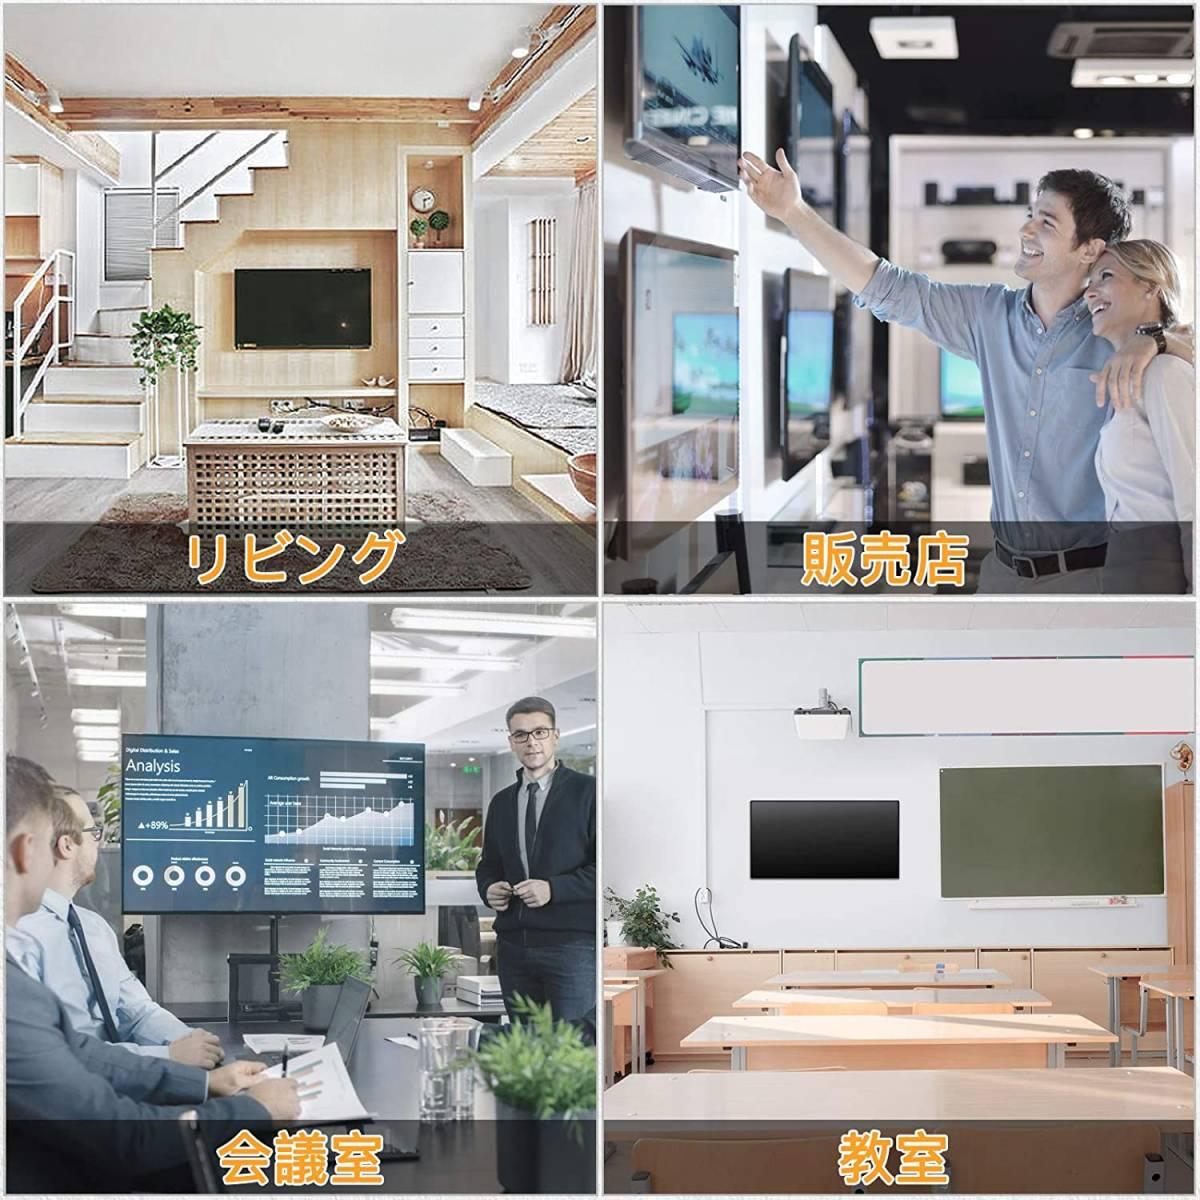 テレビ壁掛け金具 13~42インチ モニターLCD LED液晶テレビ対応 ティルト調節式 VESA対応 最大100x100mm 耐荷重15kg ネジ類付き (アーム型)_画像5